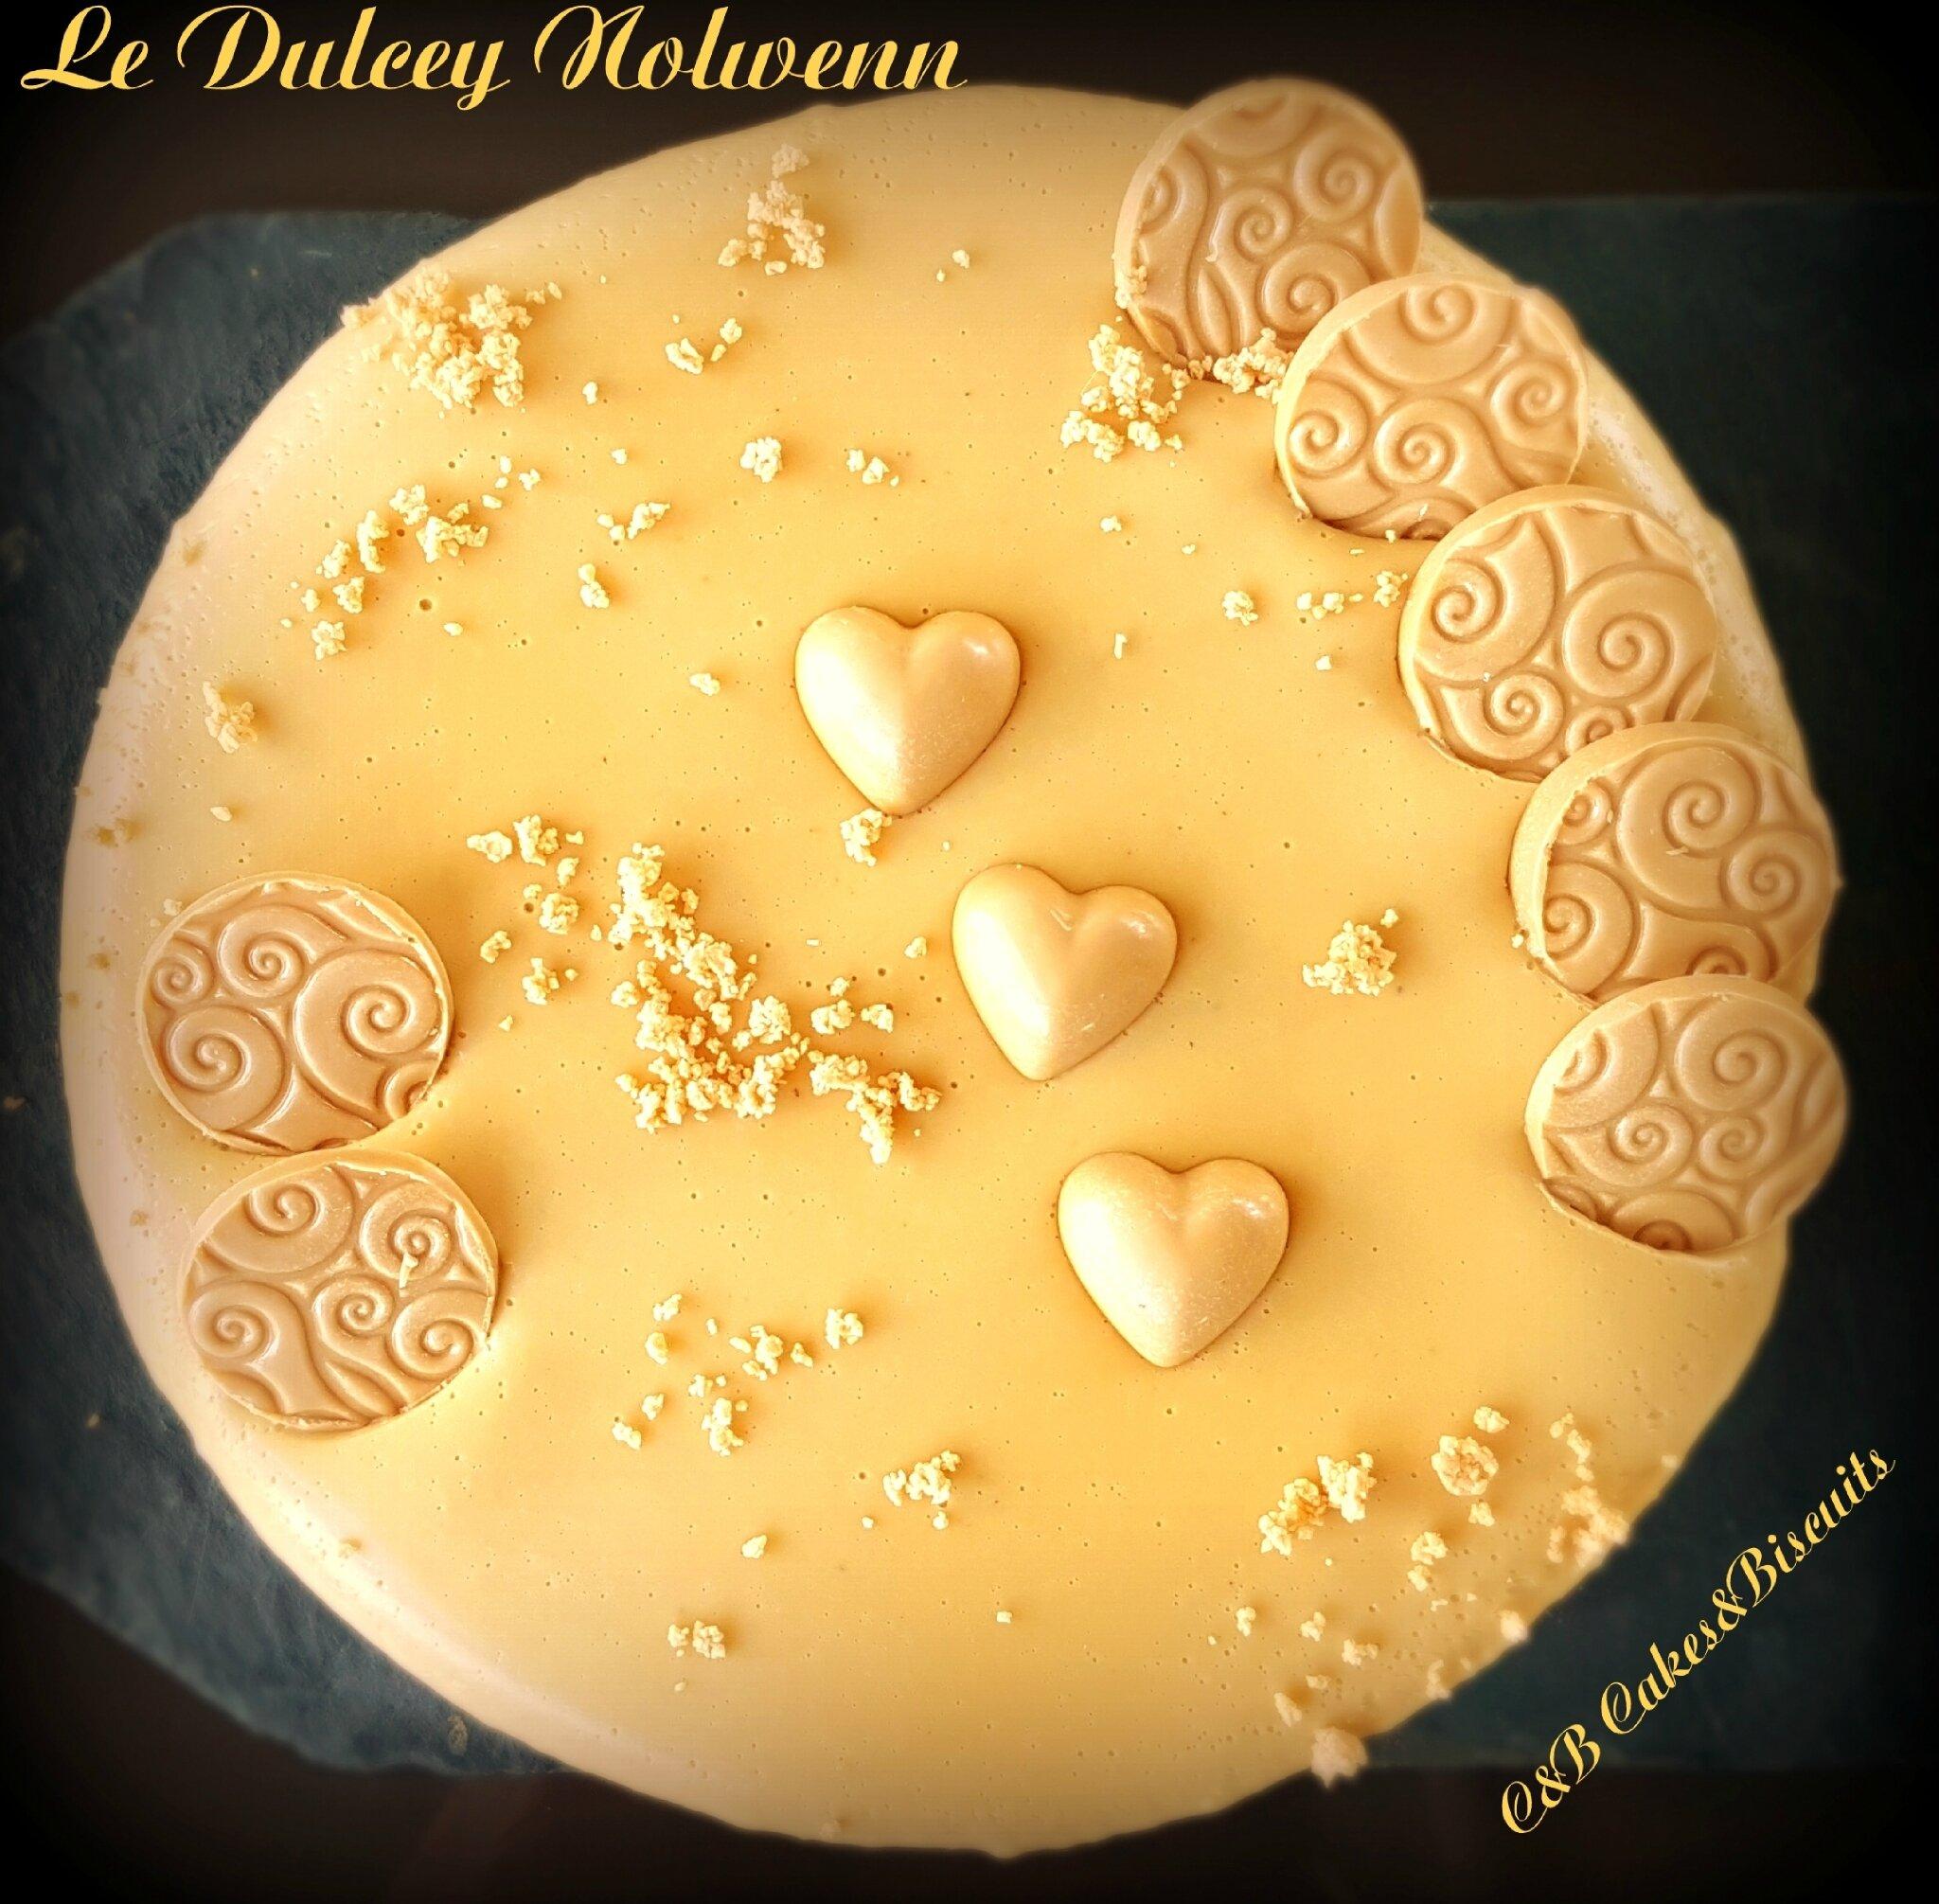 Le Dulcey Nolwenn